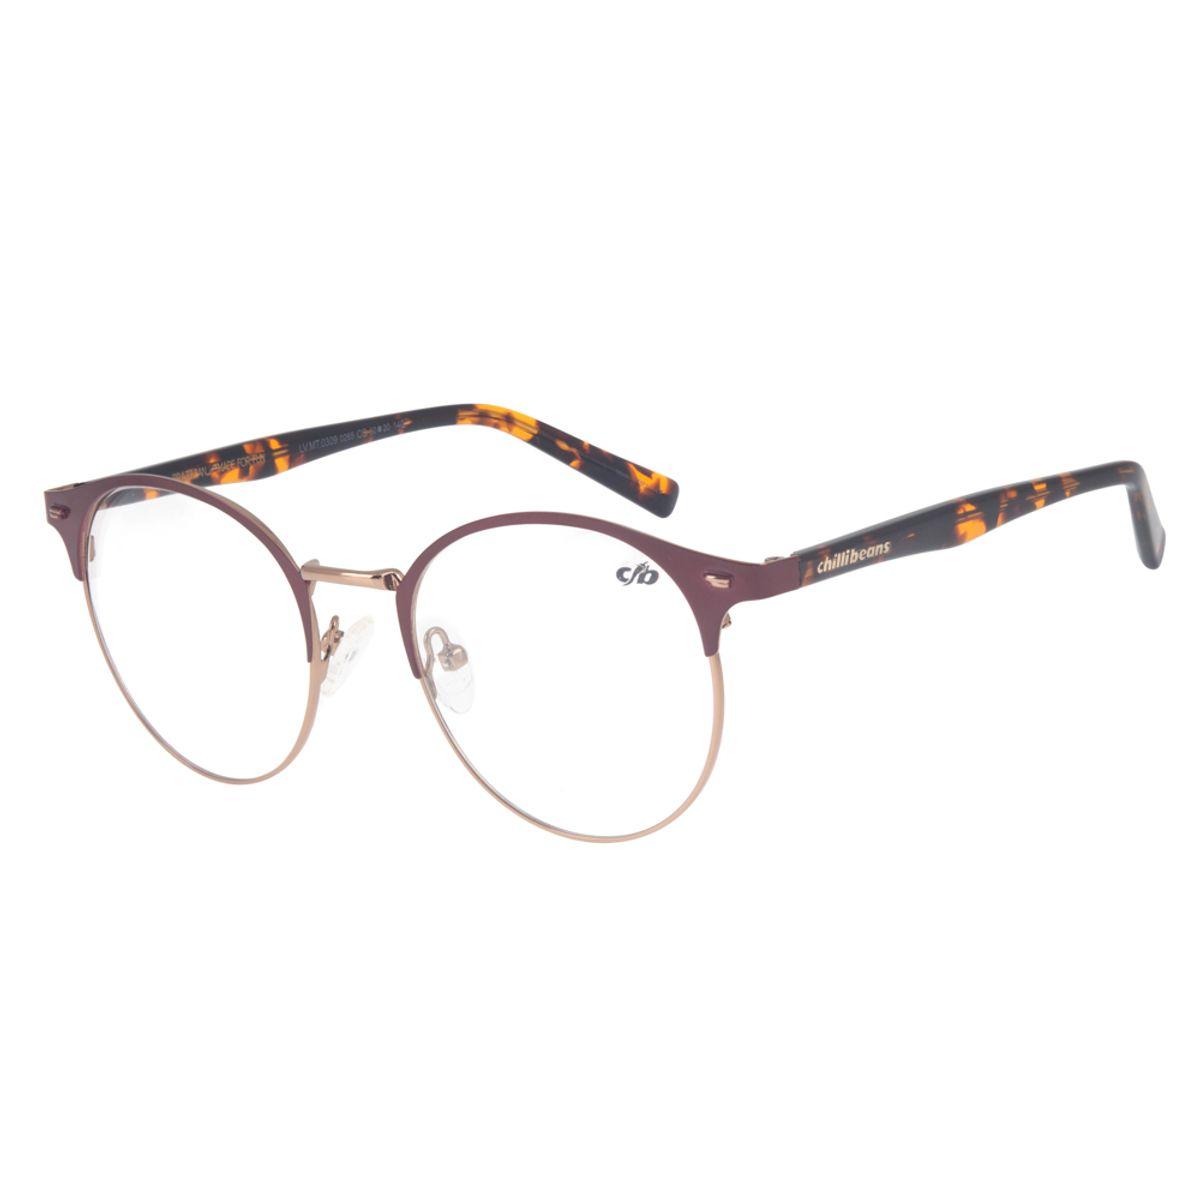 bc79b75f7 Armação para Óculos de Grau Redondo Chilli Beans Unissex Metal ...